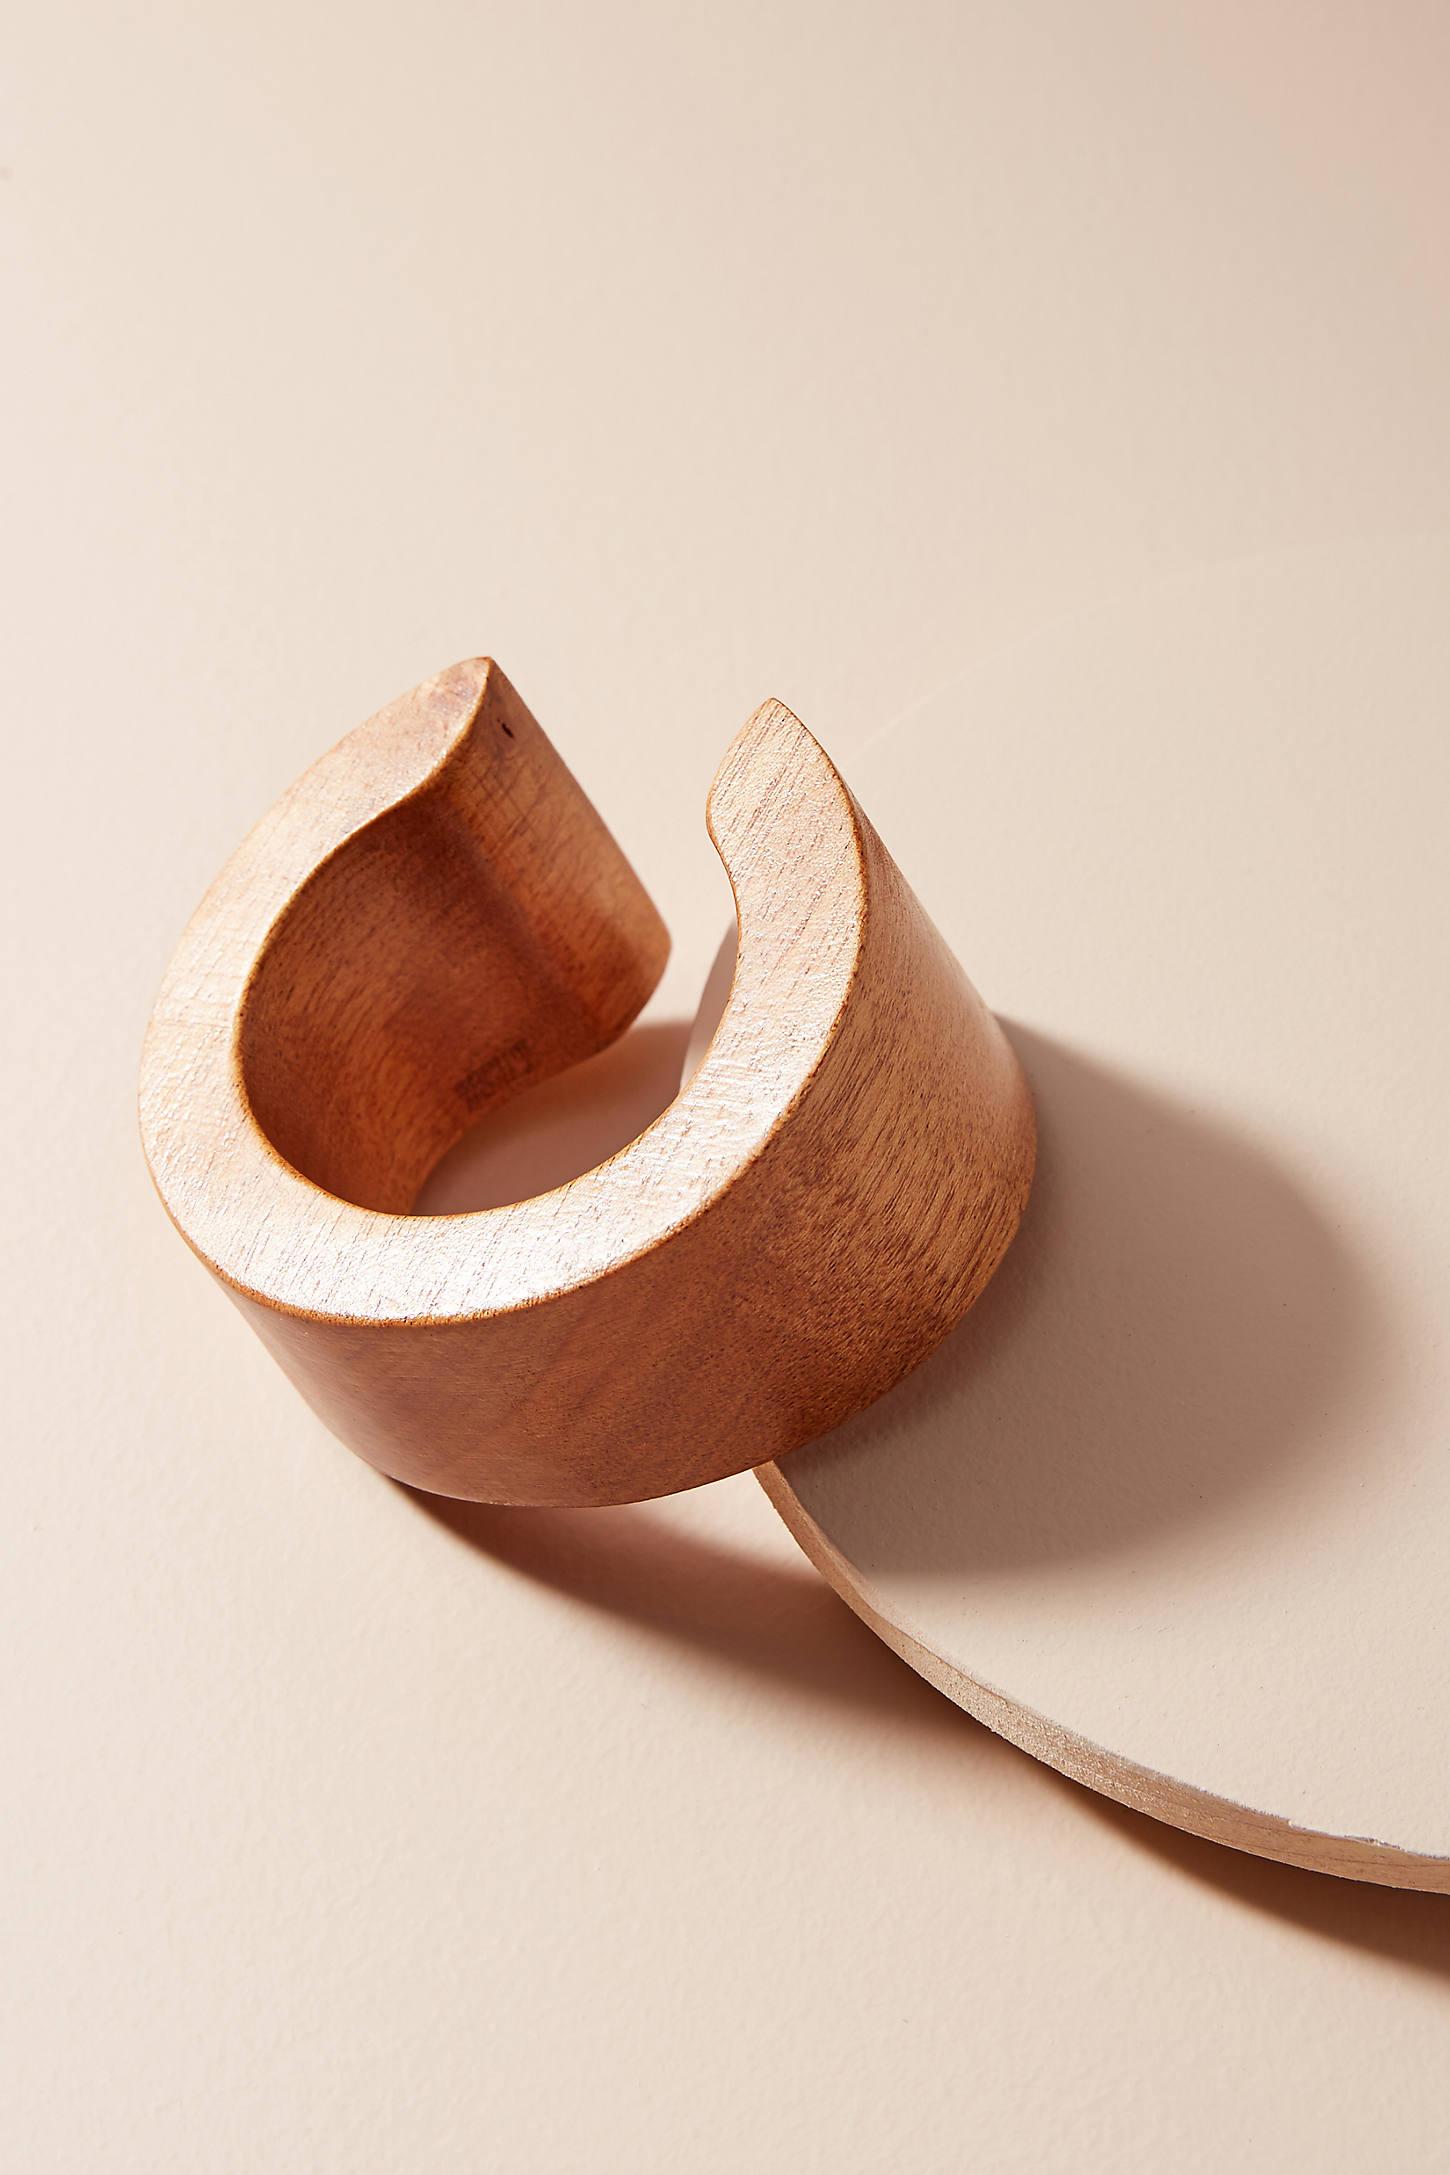 Tesoro Wooden Cuff Bracelet